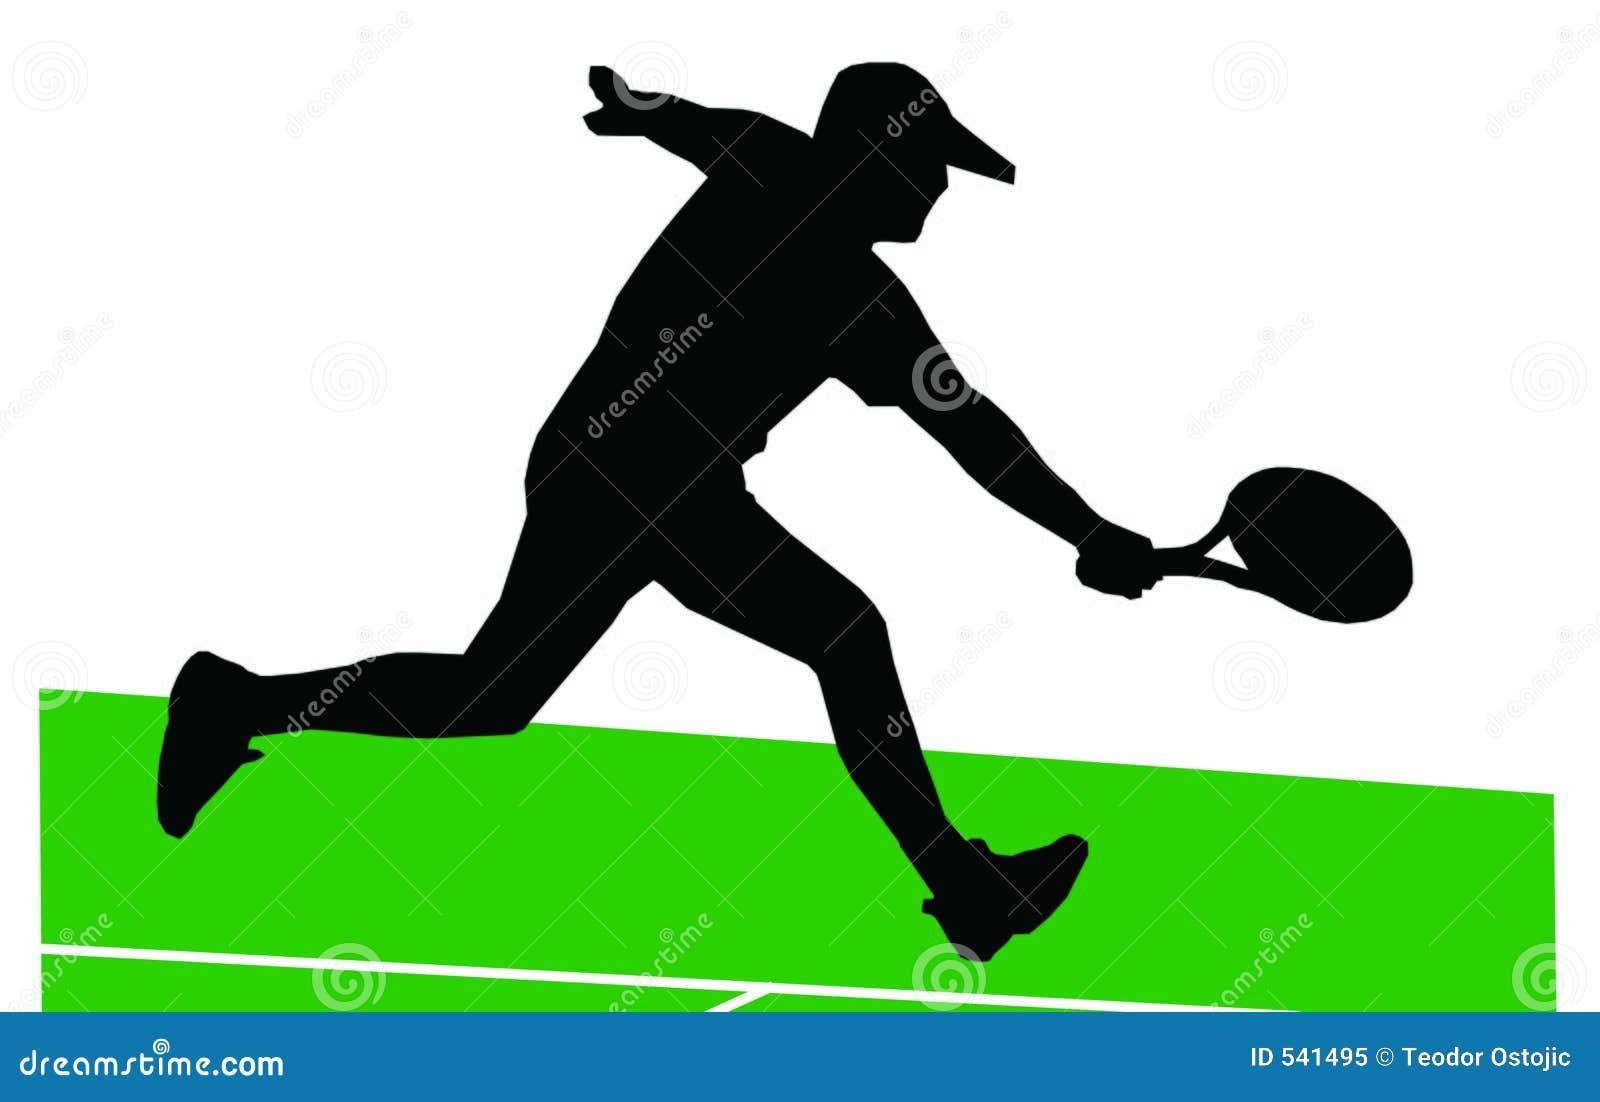 Download 球员网球 库存例证. 插画 包括有 女演员, 享受, 开放, 人们, 领退休金者, 更老, 活动家, 符合, 龙舌兰 - 541495